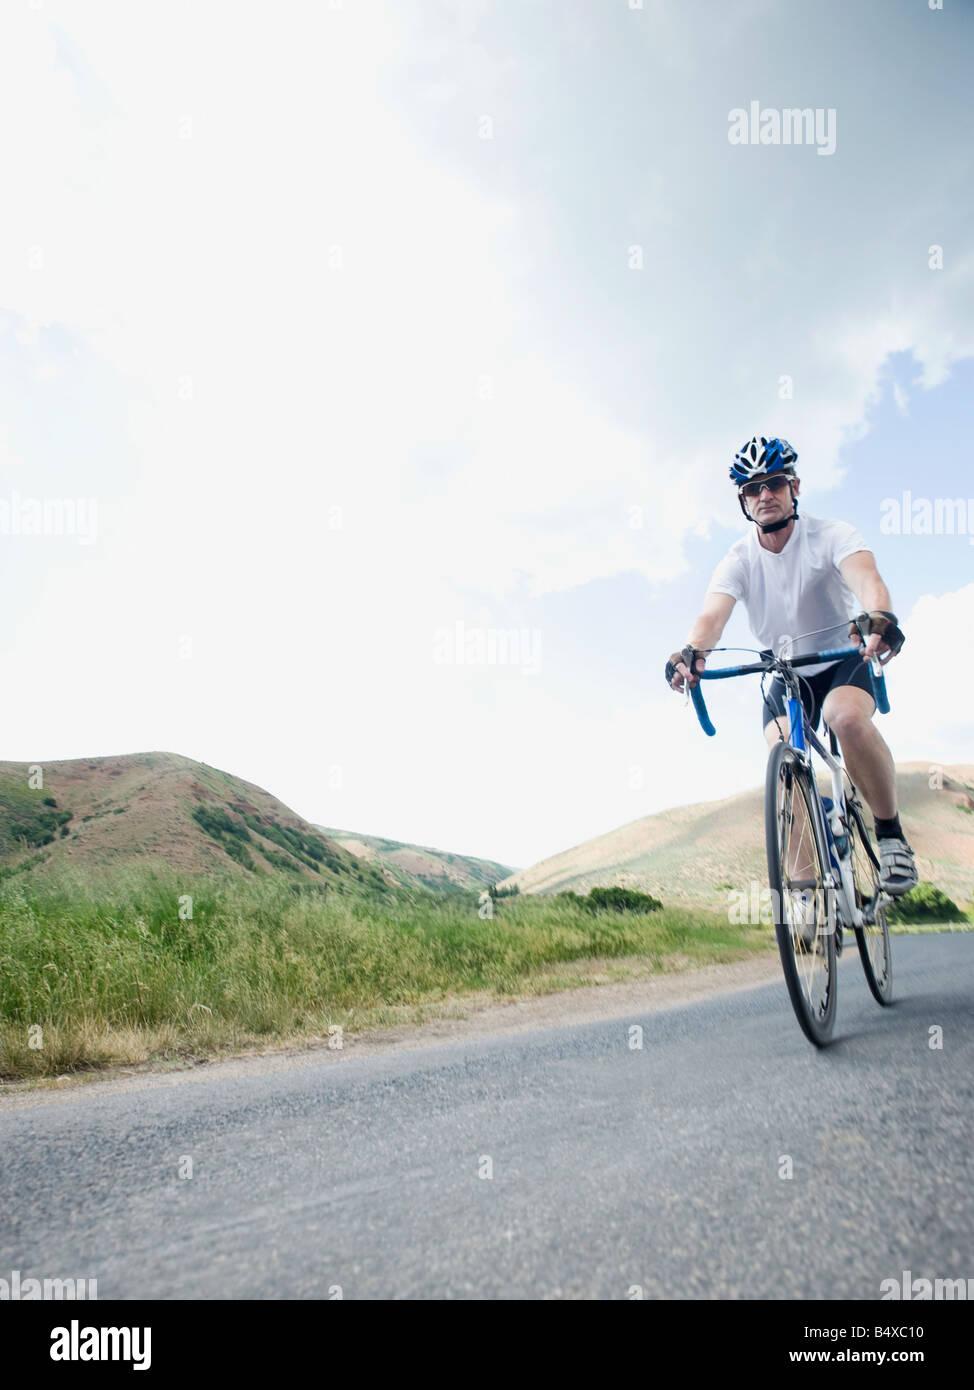 Ciclista en carretera Foto de stock